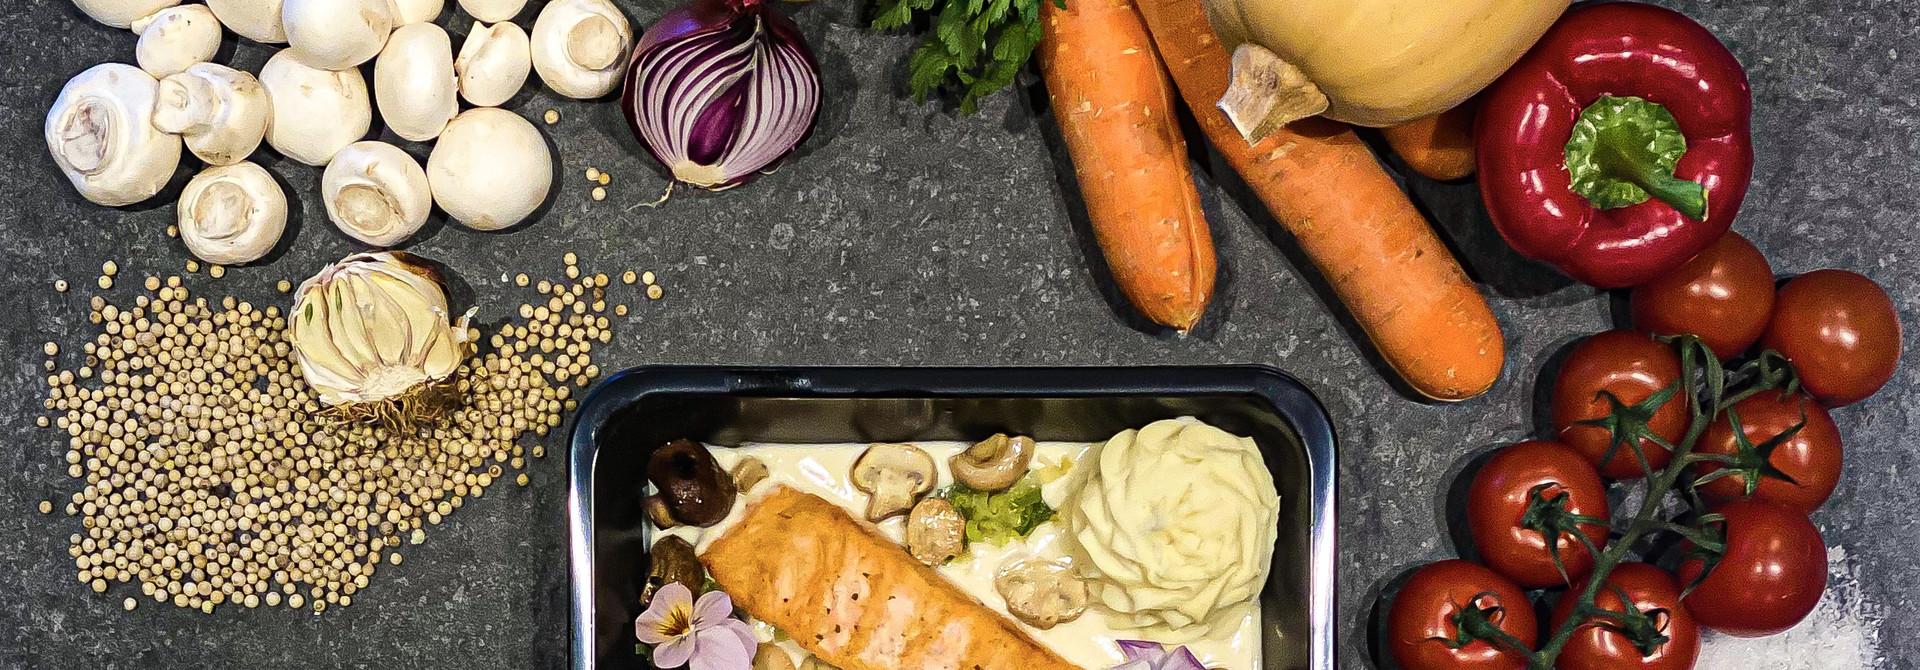 Zalm in nantuasaus met groenten en puree